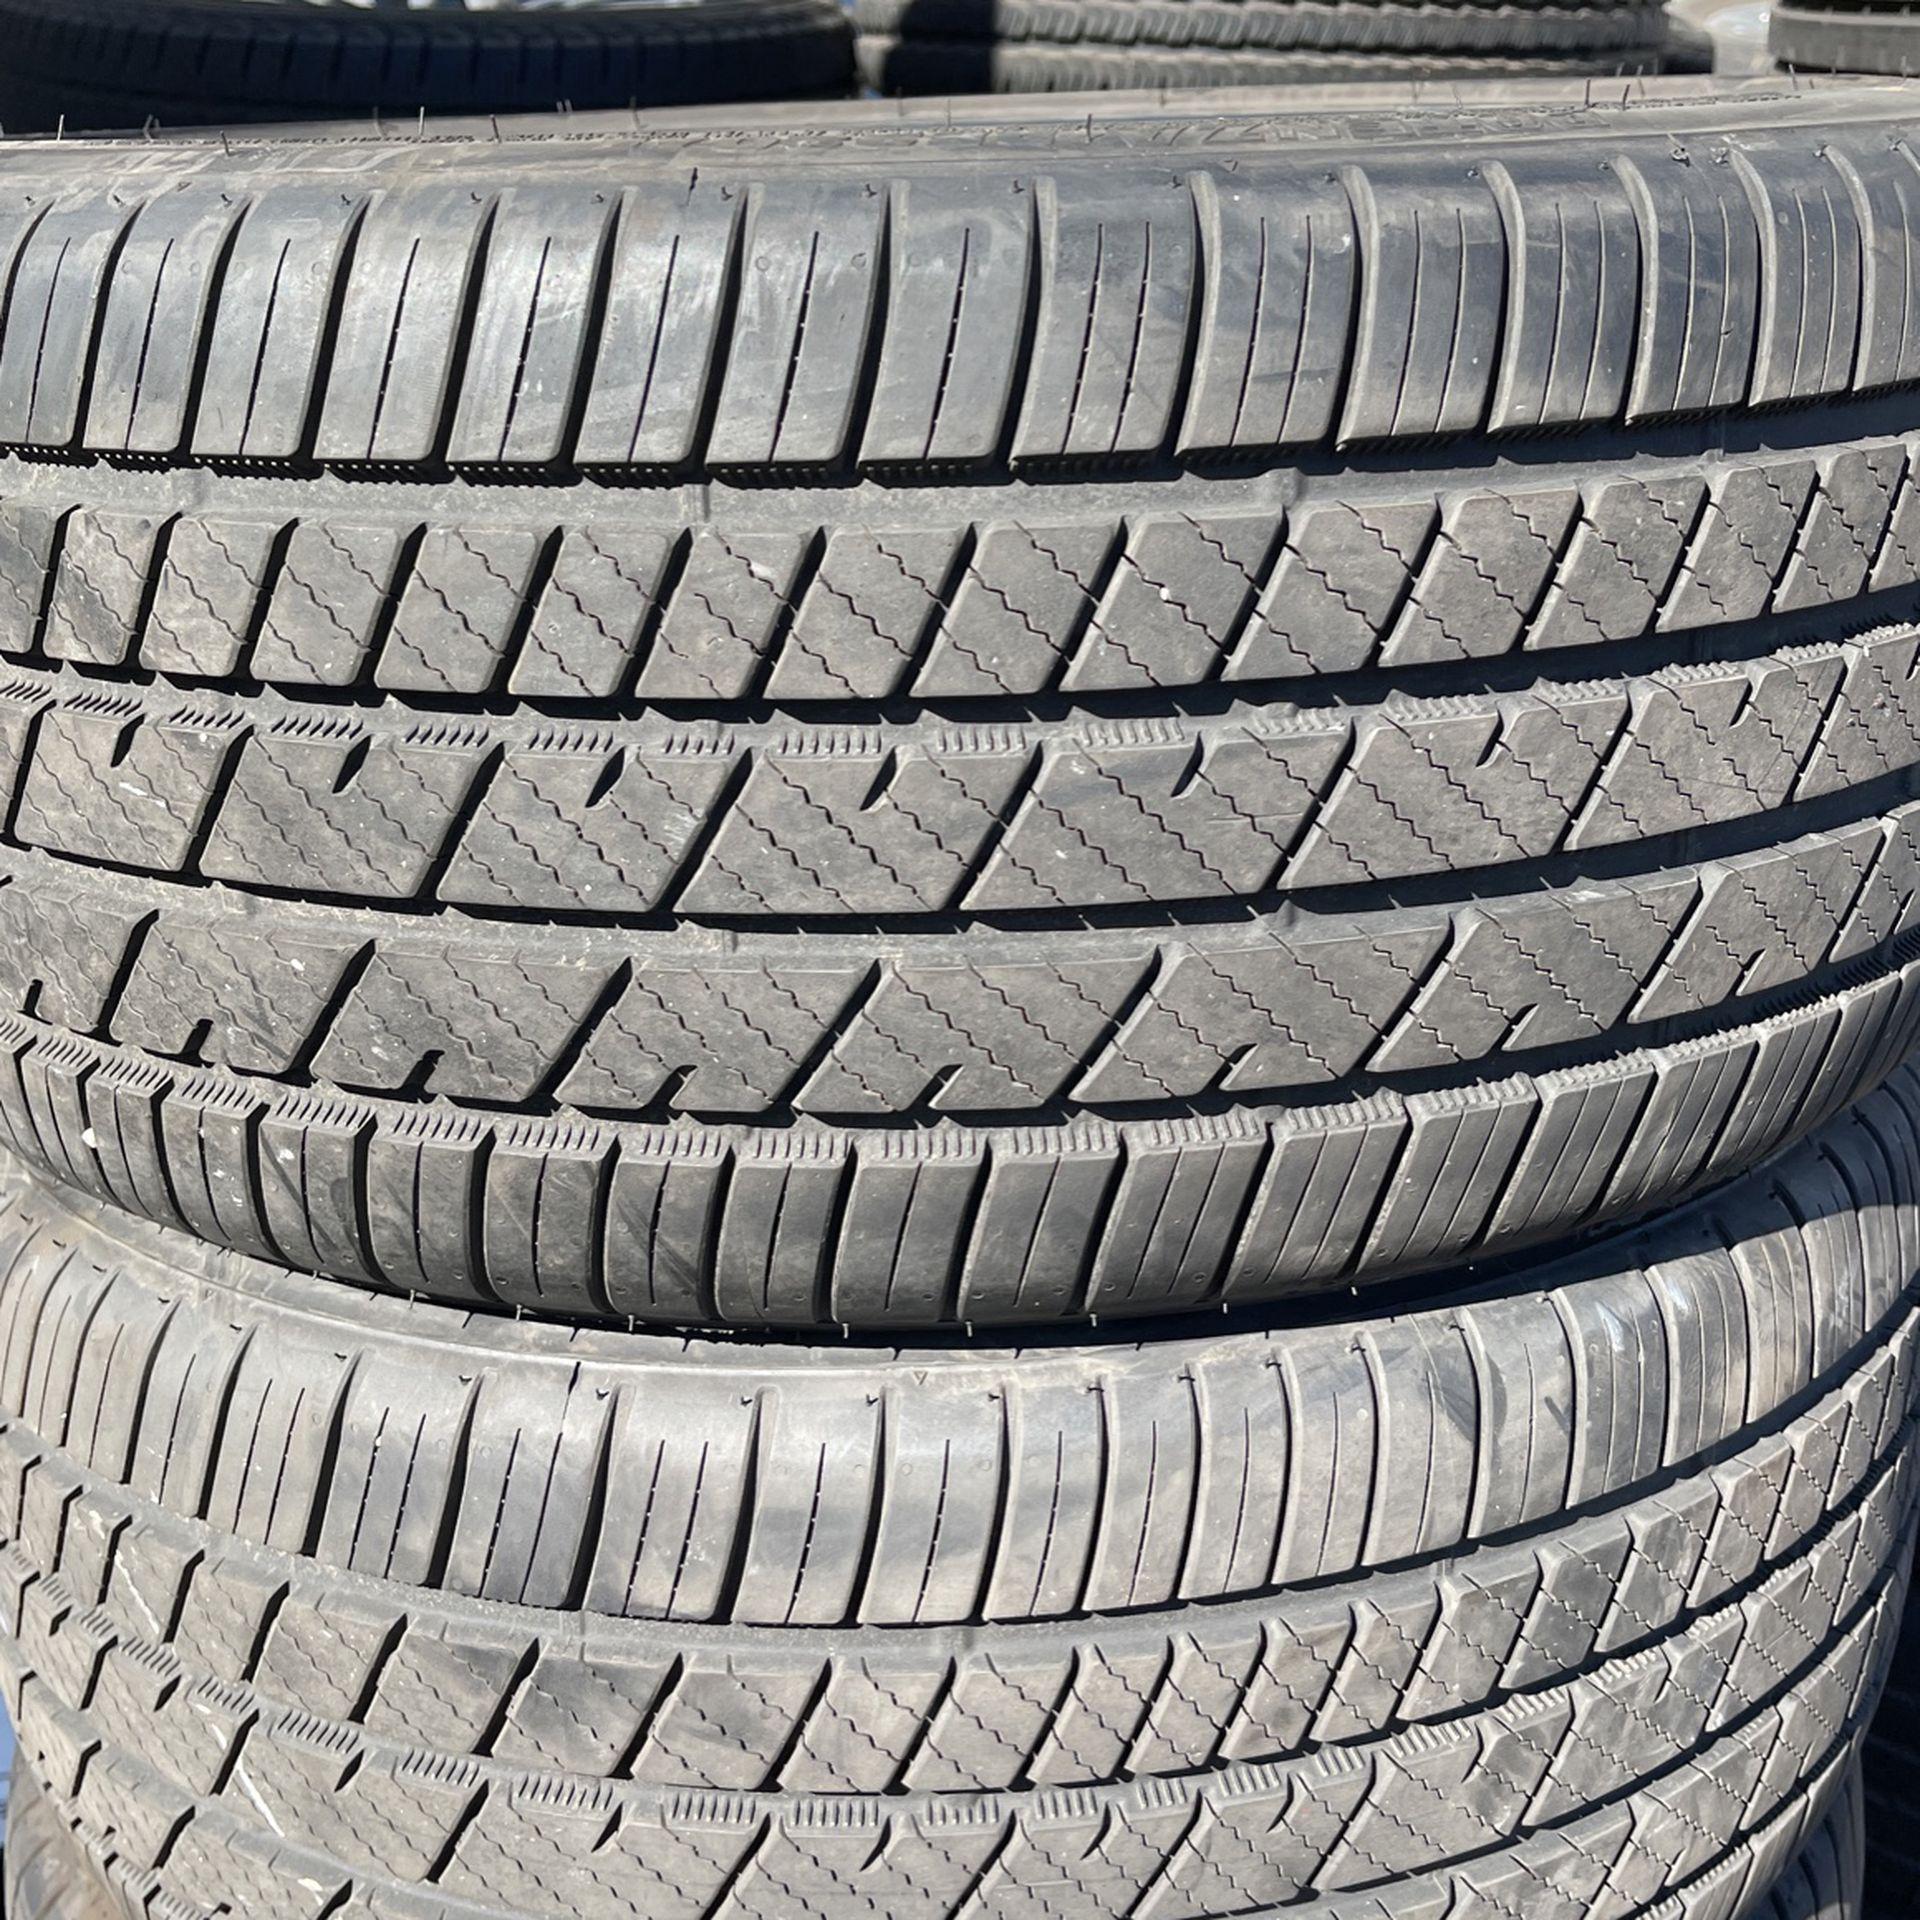 245-35-19 Bridgestones